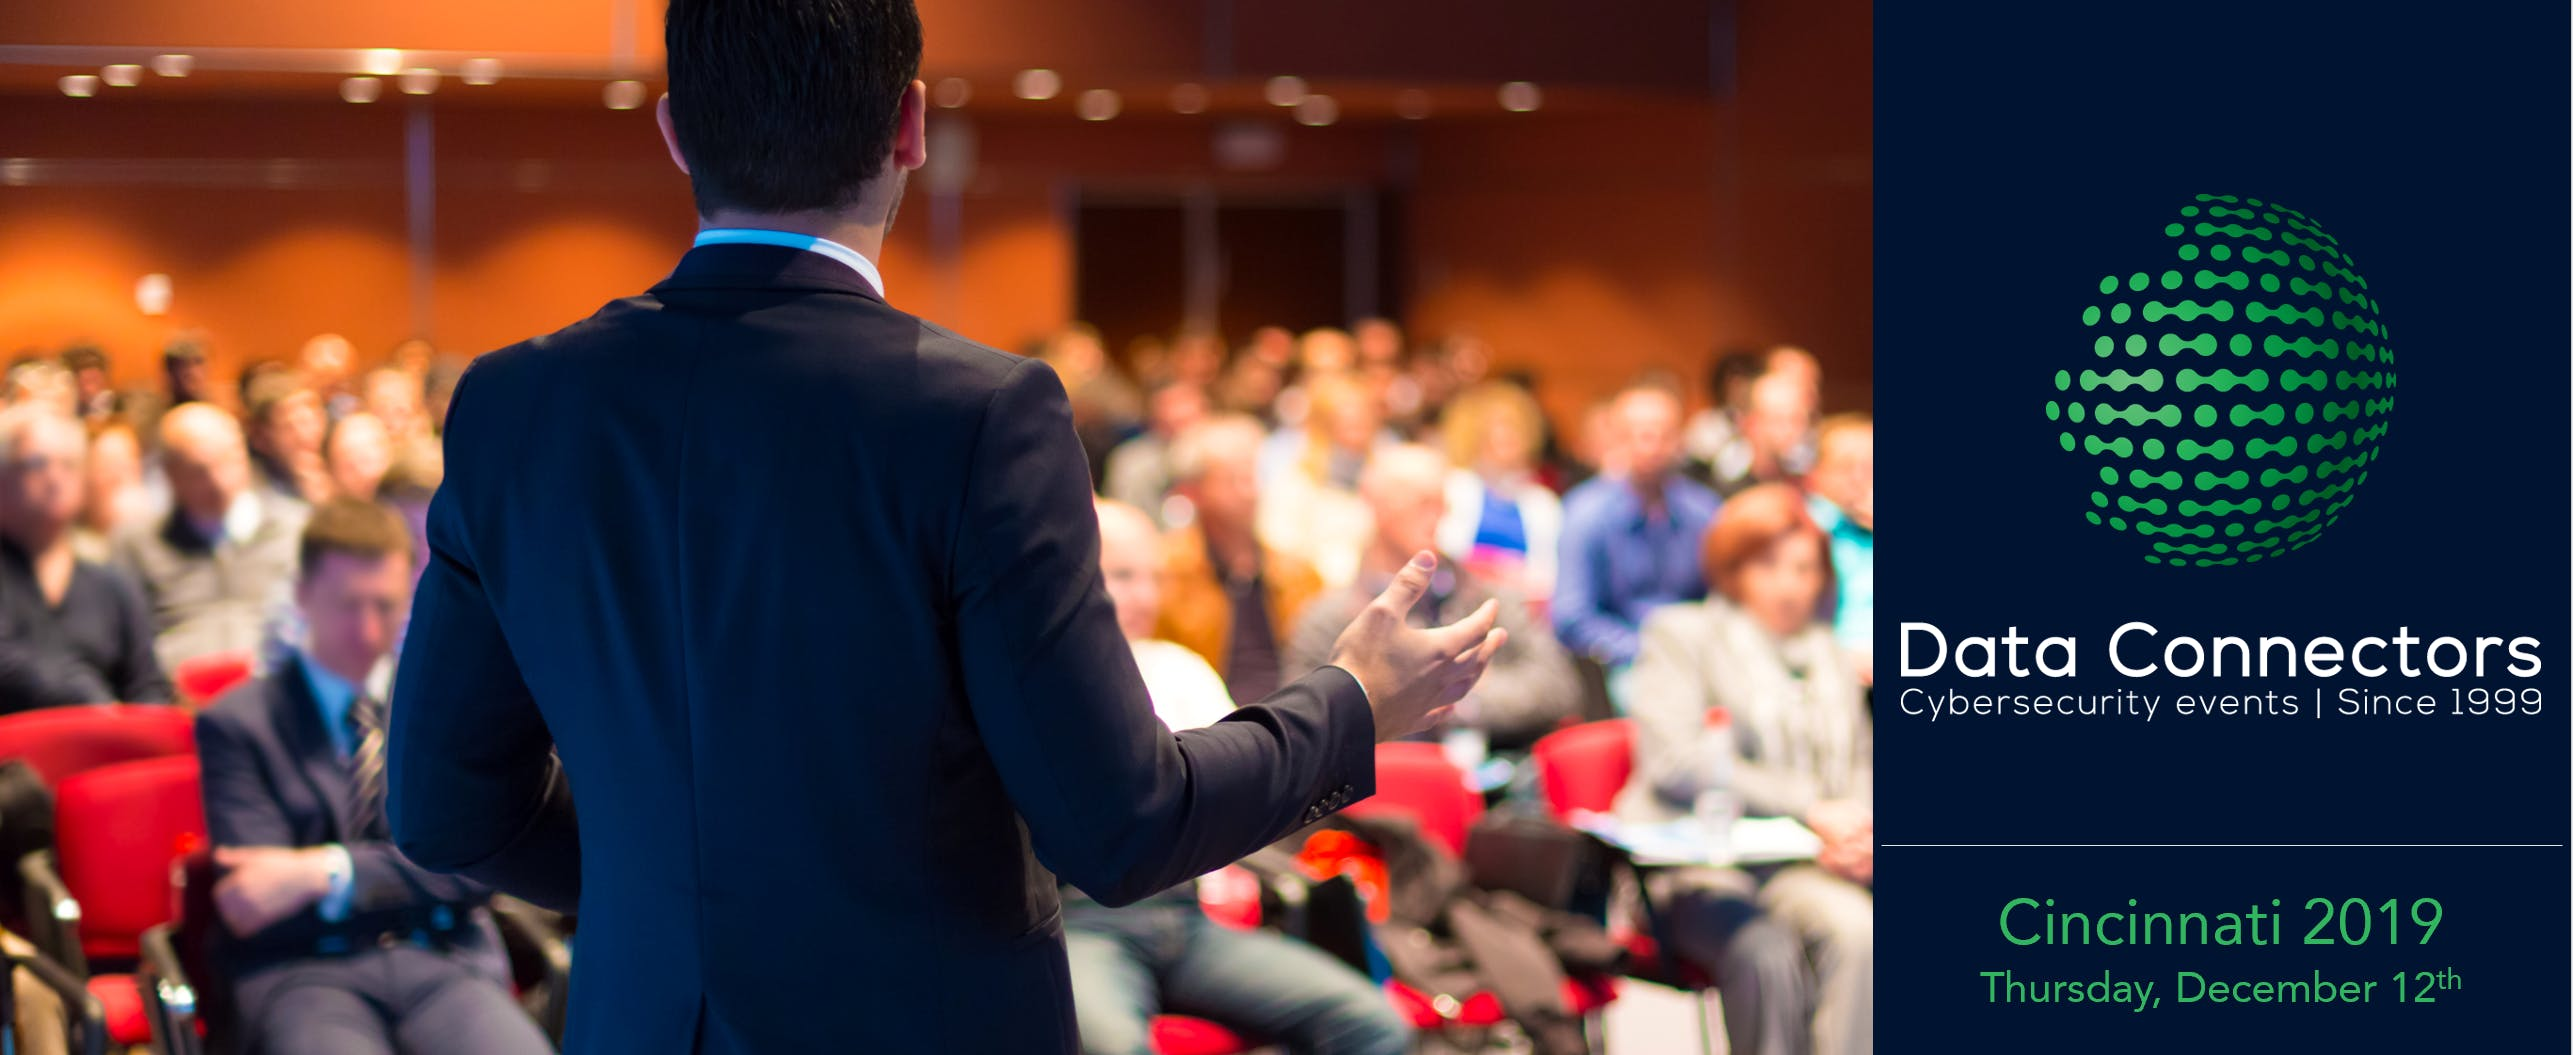 Cincinnati Cybersecurity Conference 2019